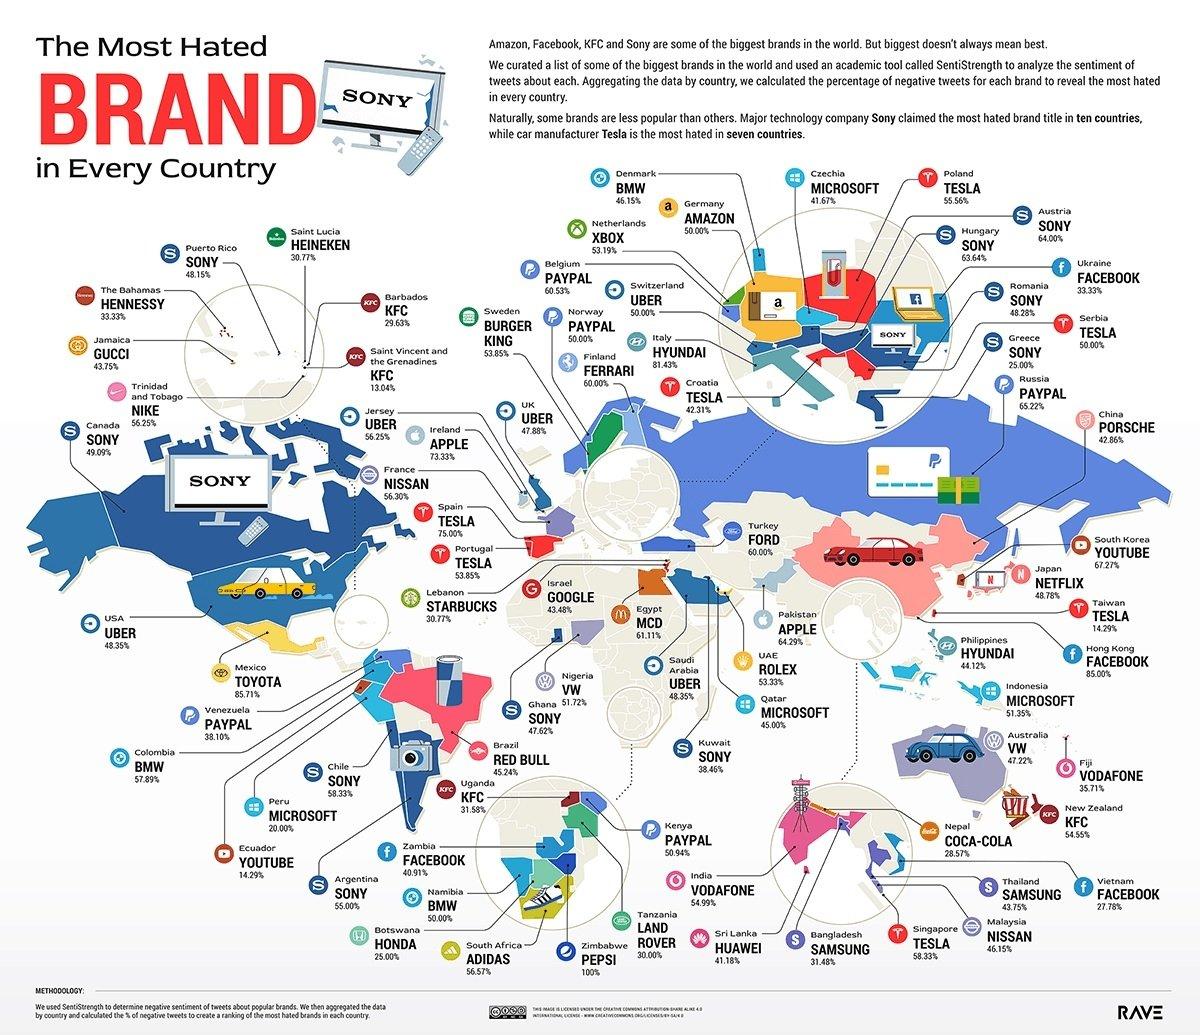 Les marques les plus détestées par pays